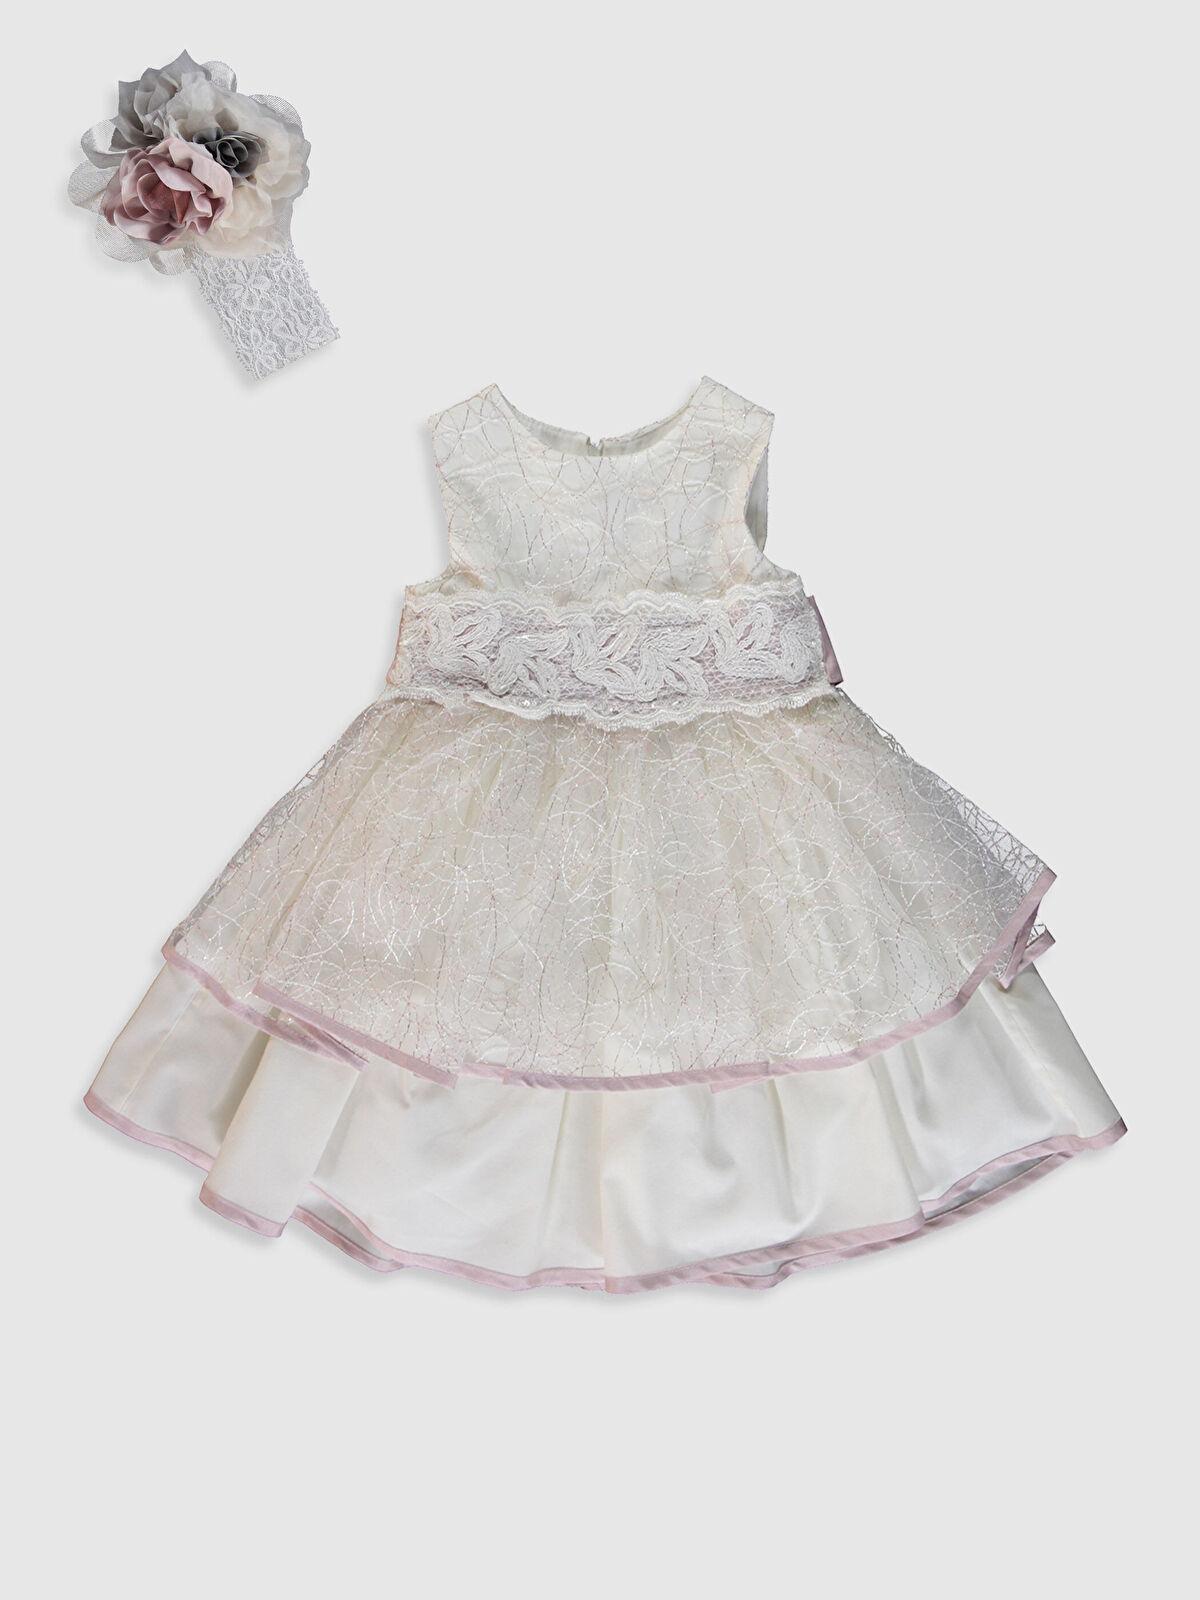 Kız Bebek Desenli Abiye Elbise ve Saç Bandı - LC WAIKIKI